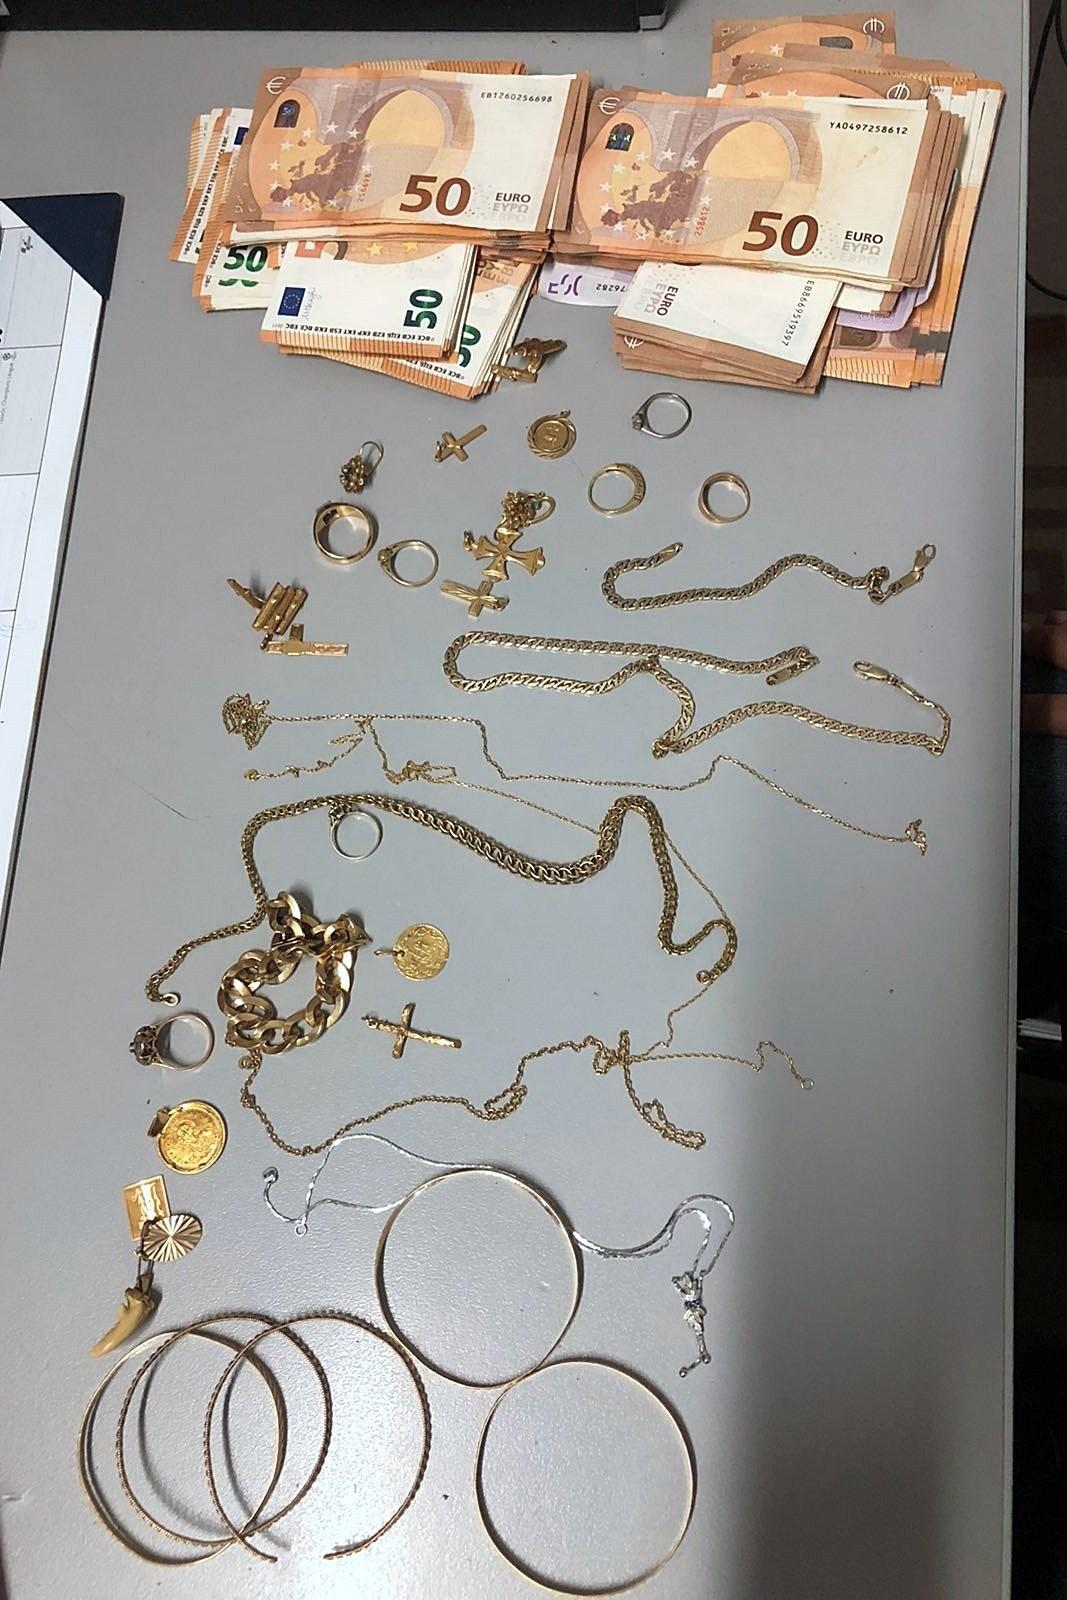 Конфискувани евро и бижута, придобити чрез измами. Снимка: Полиция на Гърция